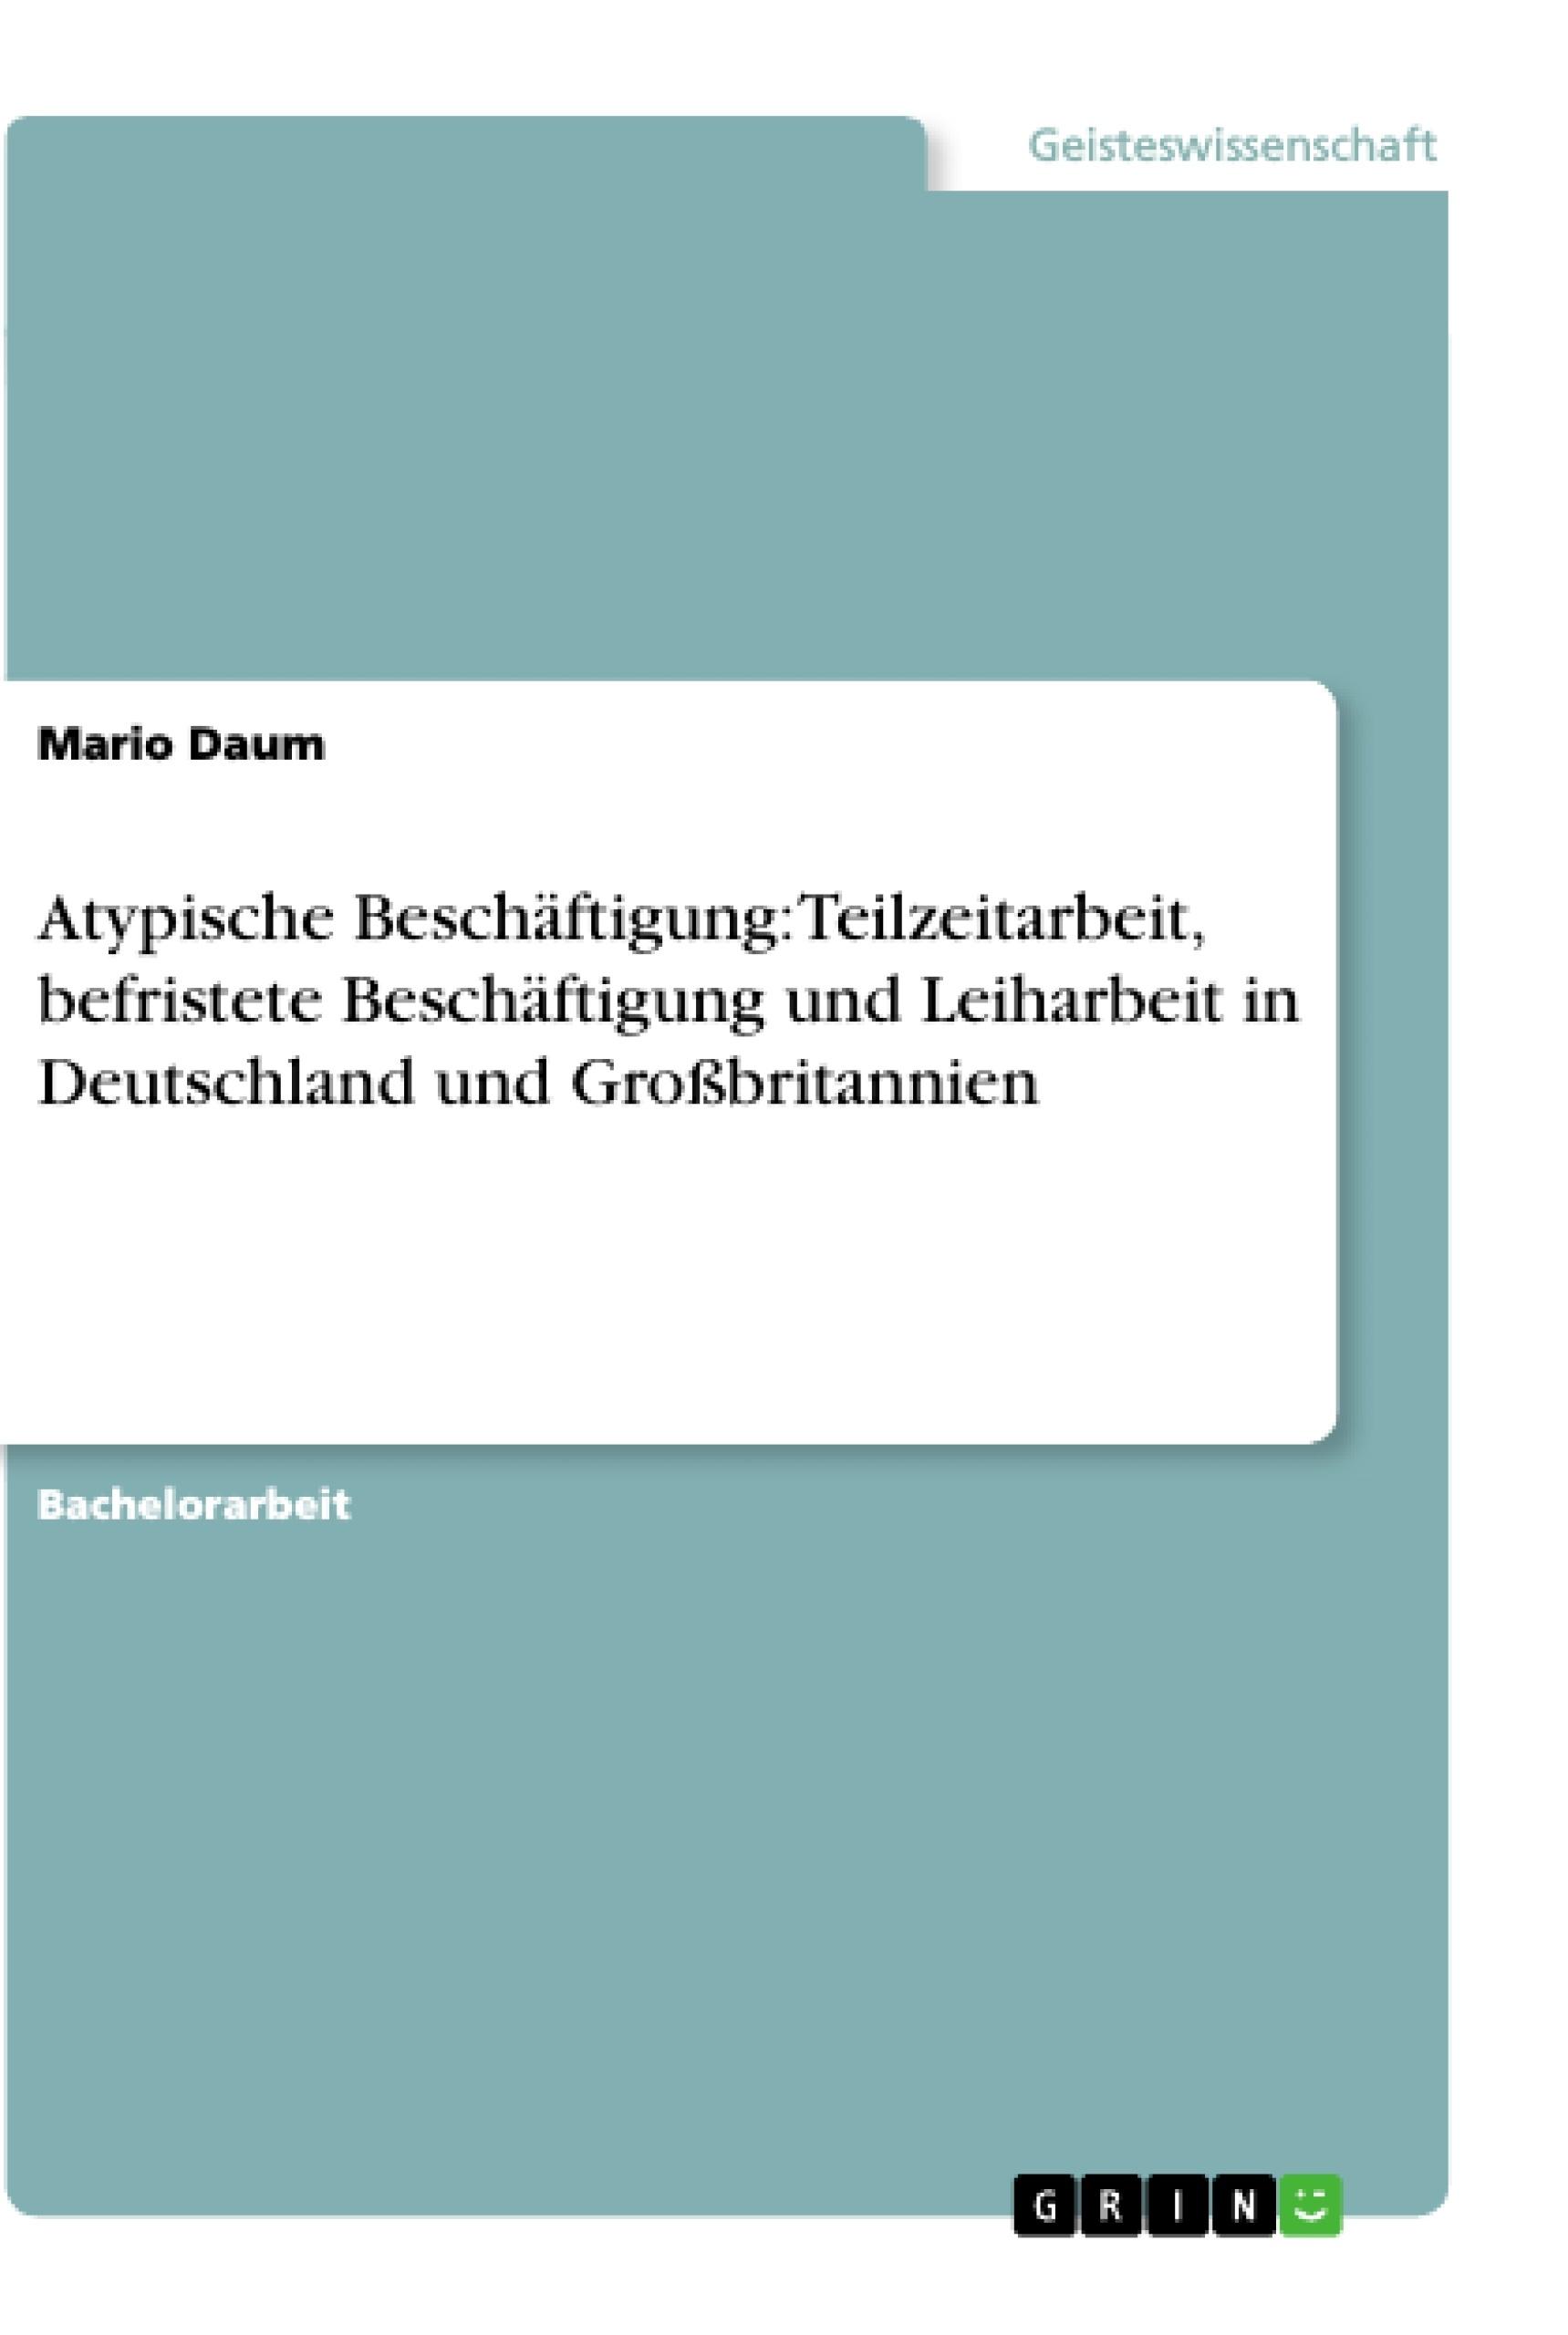 Titel: Atypische Beschäftigung: Teilzeitarbeit, befristete Beschäftigung und Leiharbeit in Deutschland und Großbritannien